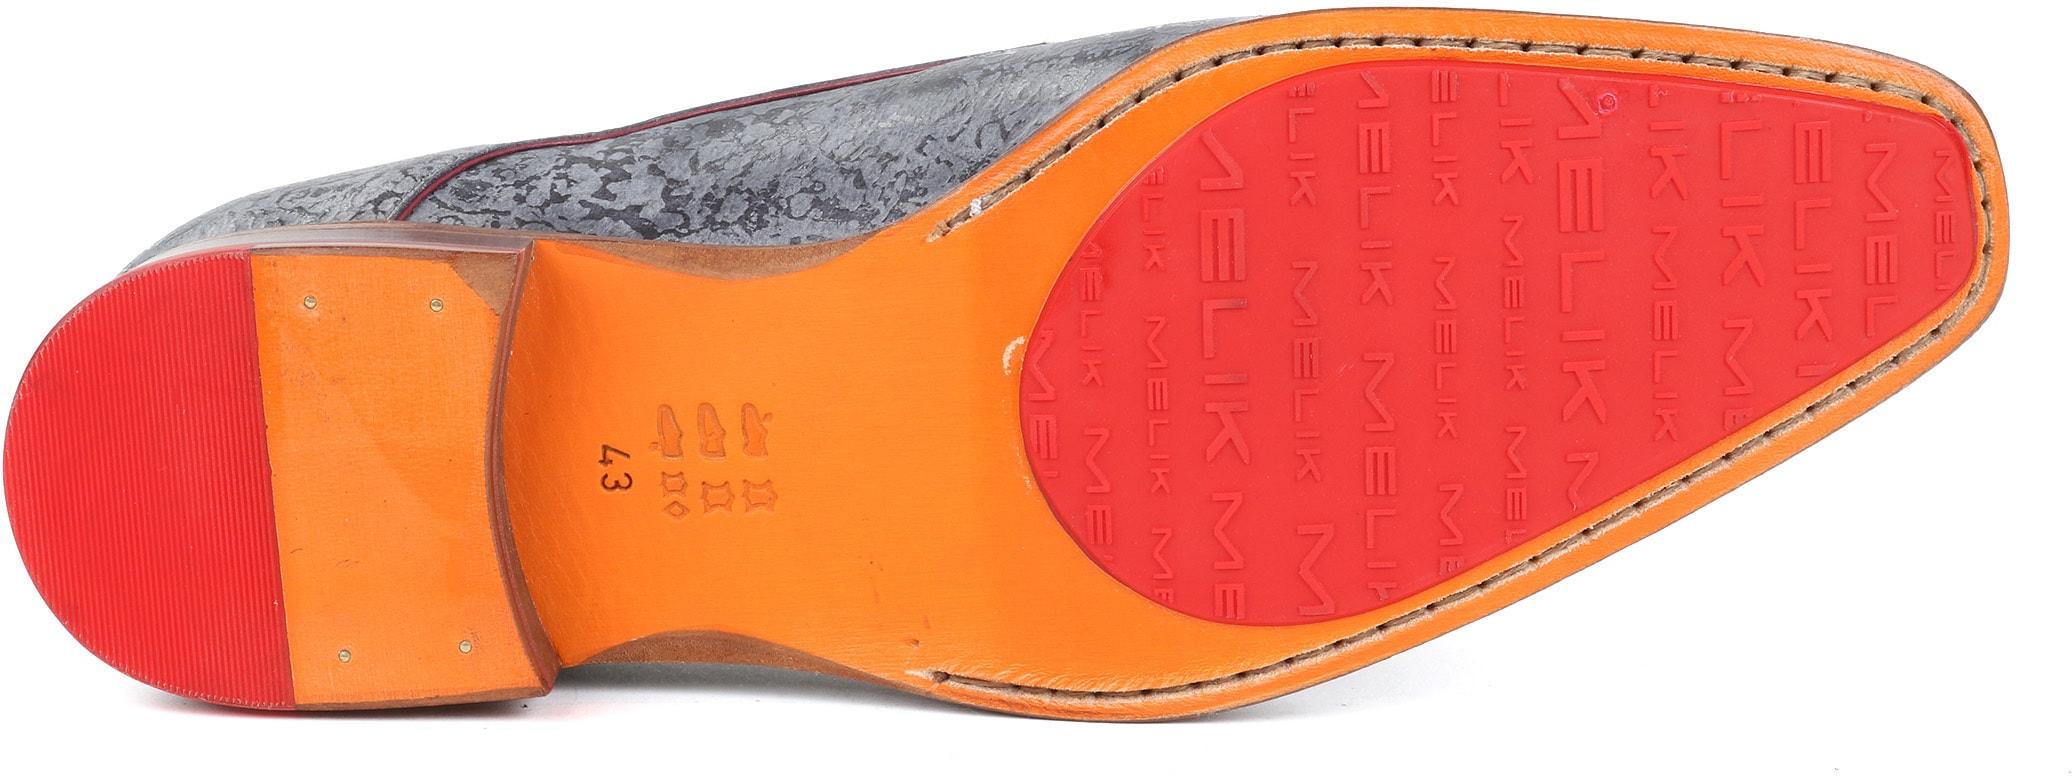 Chaussures Melik Gris Cratère Atri EH3tBfV